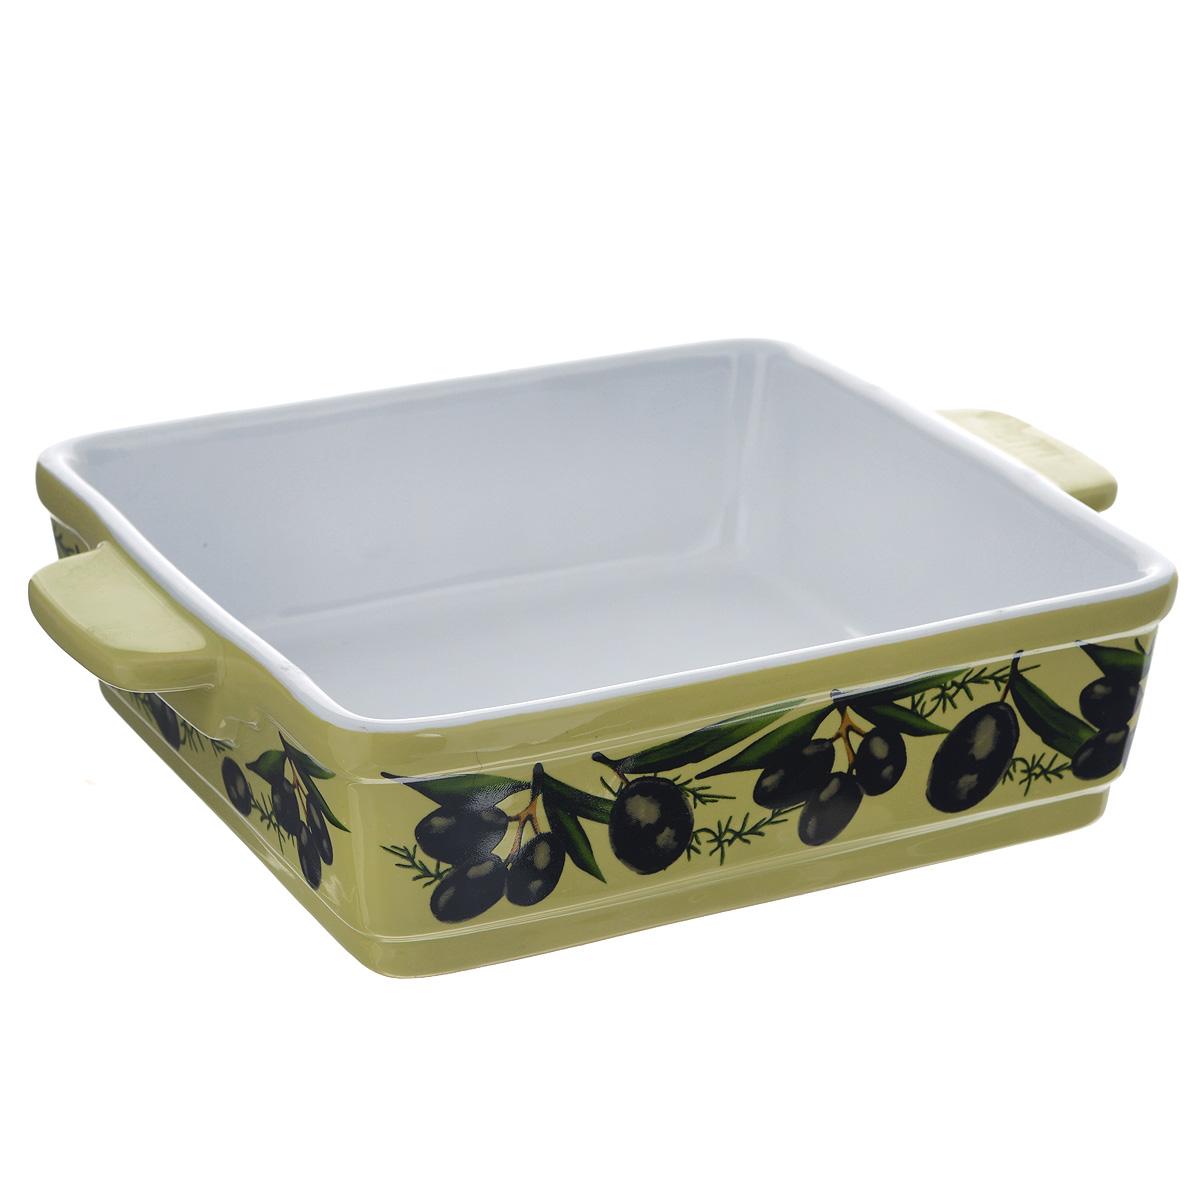 """Квадратная форма для запекания Едим Дома """"Тоскана"""" изготовлена из   жаропрочной керамики, покрытой глазурью. Такая керамика выдерживает   температуру от -30°С до +220°С, что позволяет использовать ее и в   холодильнике, и в духовке. Изделие декорировано изображением оливок. Форма   идеальна для запекания мяса и овощей. Оснащена удобными ручками.   Можно использовать в микроволновой печи и духовке. Керамическую посуду рекомендуется   ставить в минимально нагретую духовку и постепенно нагревать до необходимой для   приготовления пищи температуры. Керамические изделия не рекомендуется подвергать резкому   перепаду температуры. Можно мыть в посудомоечной машине.   Внутренний размер формы: 20 см х 20 см.  Размер формы (с учетом ручек): 25,5 см х 20 см.  Высота стенки: 6 см.     Как выбрать форму для выпечки – статья на OZON Гид."""